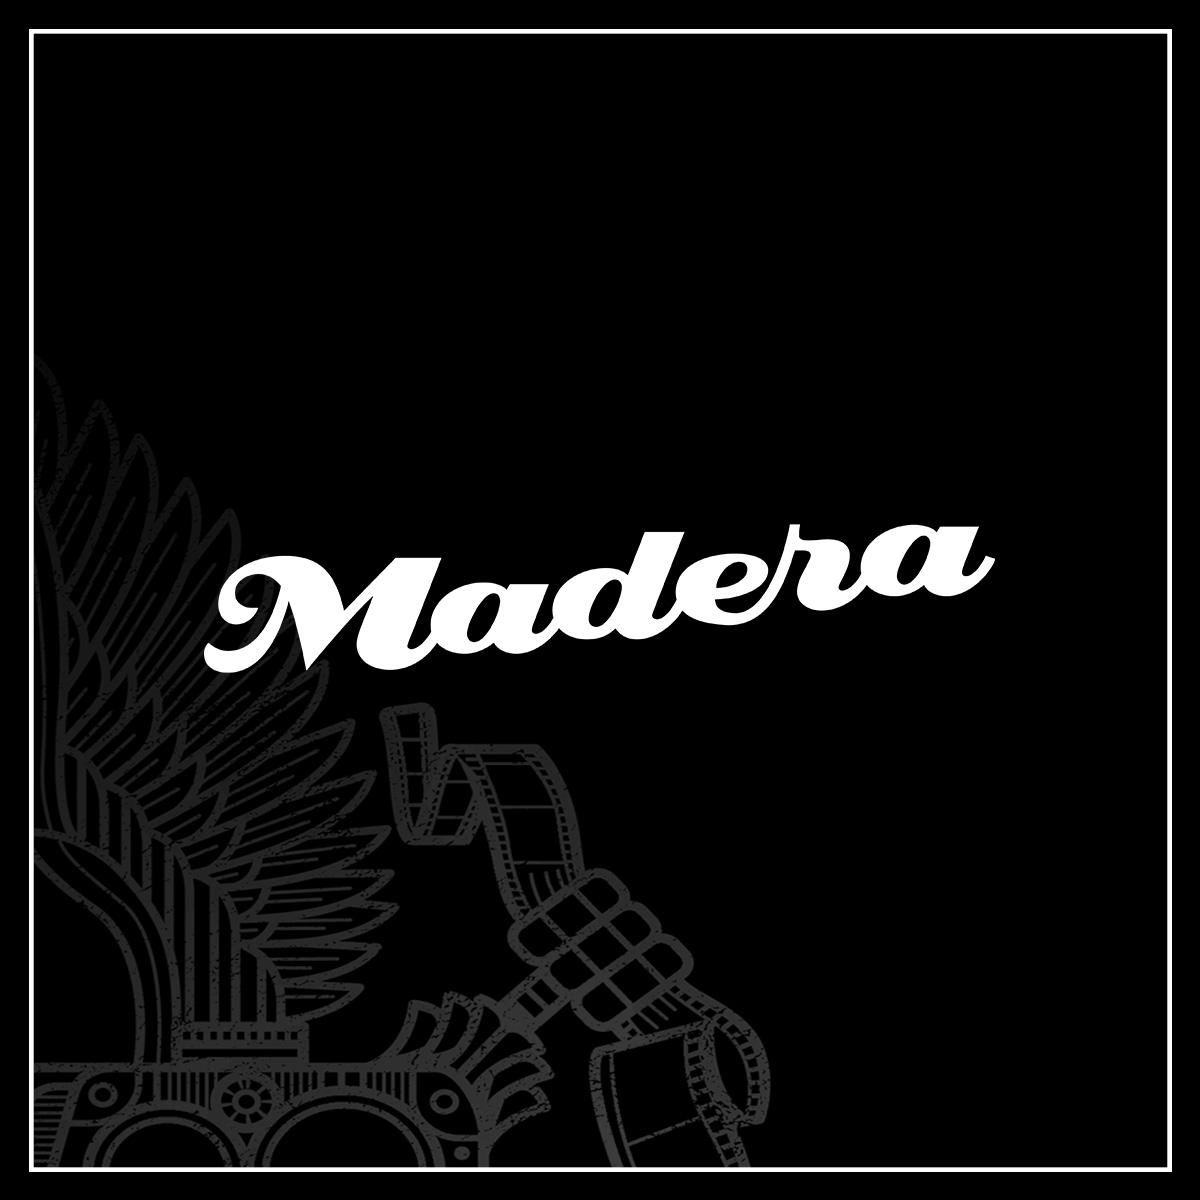 2018 Logo - Madera.jpg